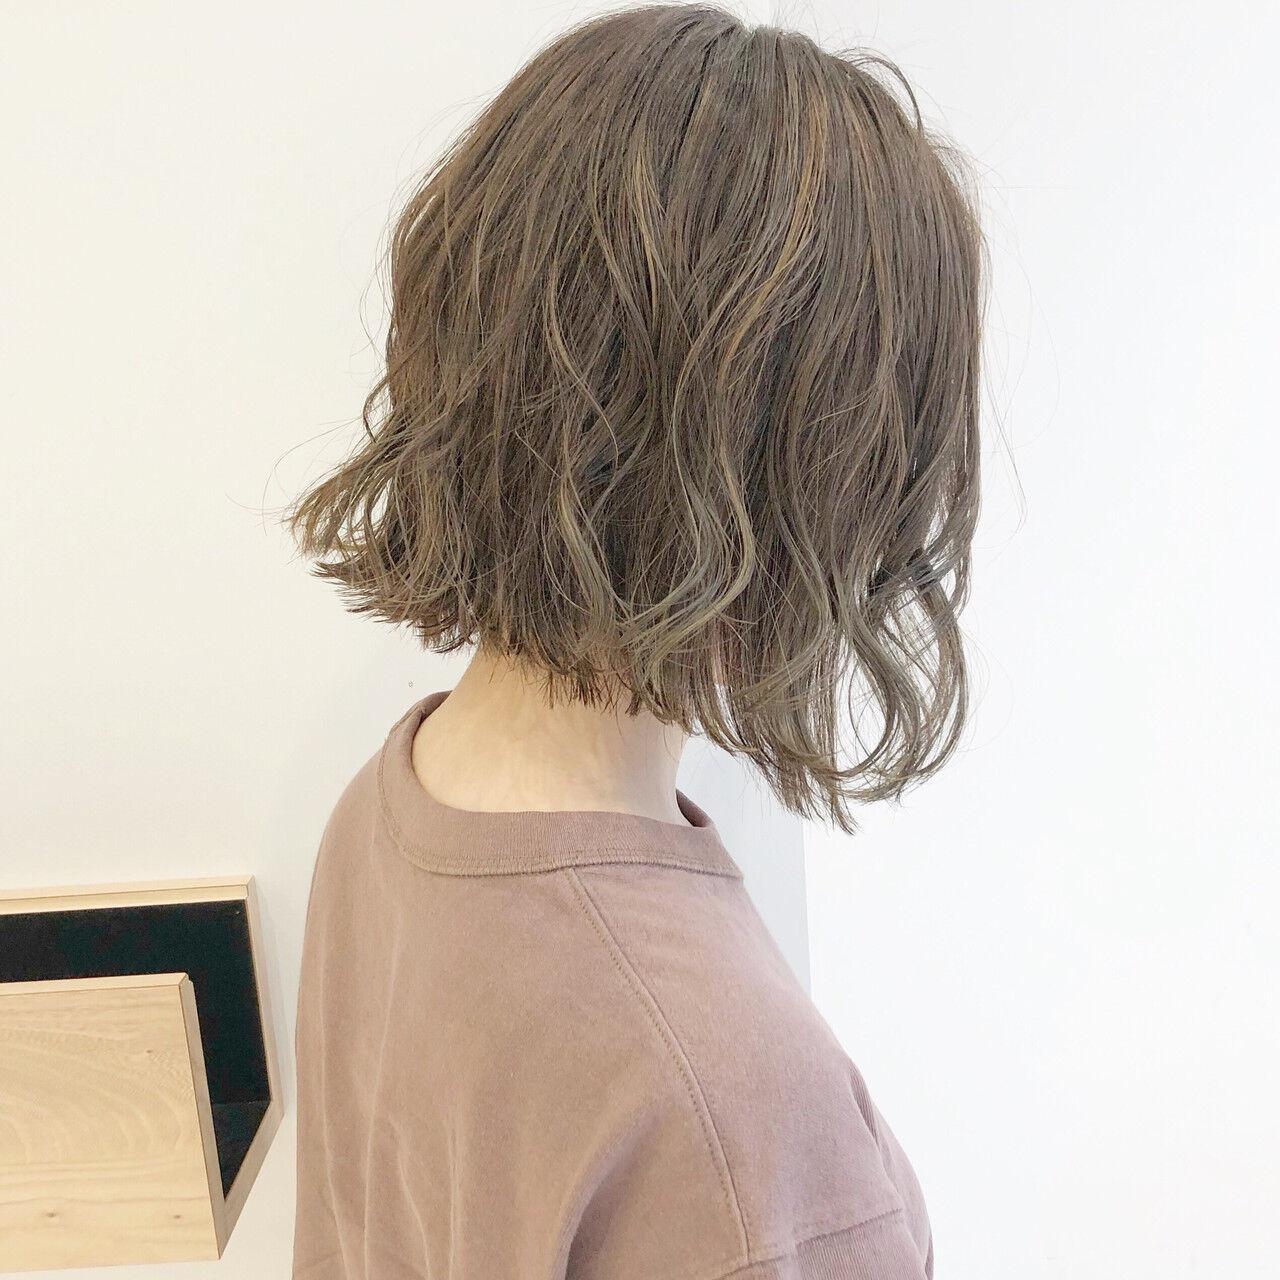 ナチュラル ボブ デート 簡単ヘアアレンジヘアスタイルや髪型の写真・画像